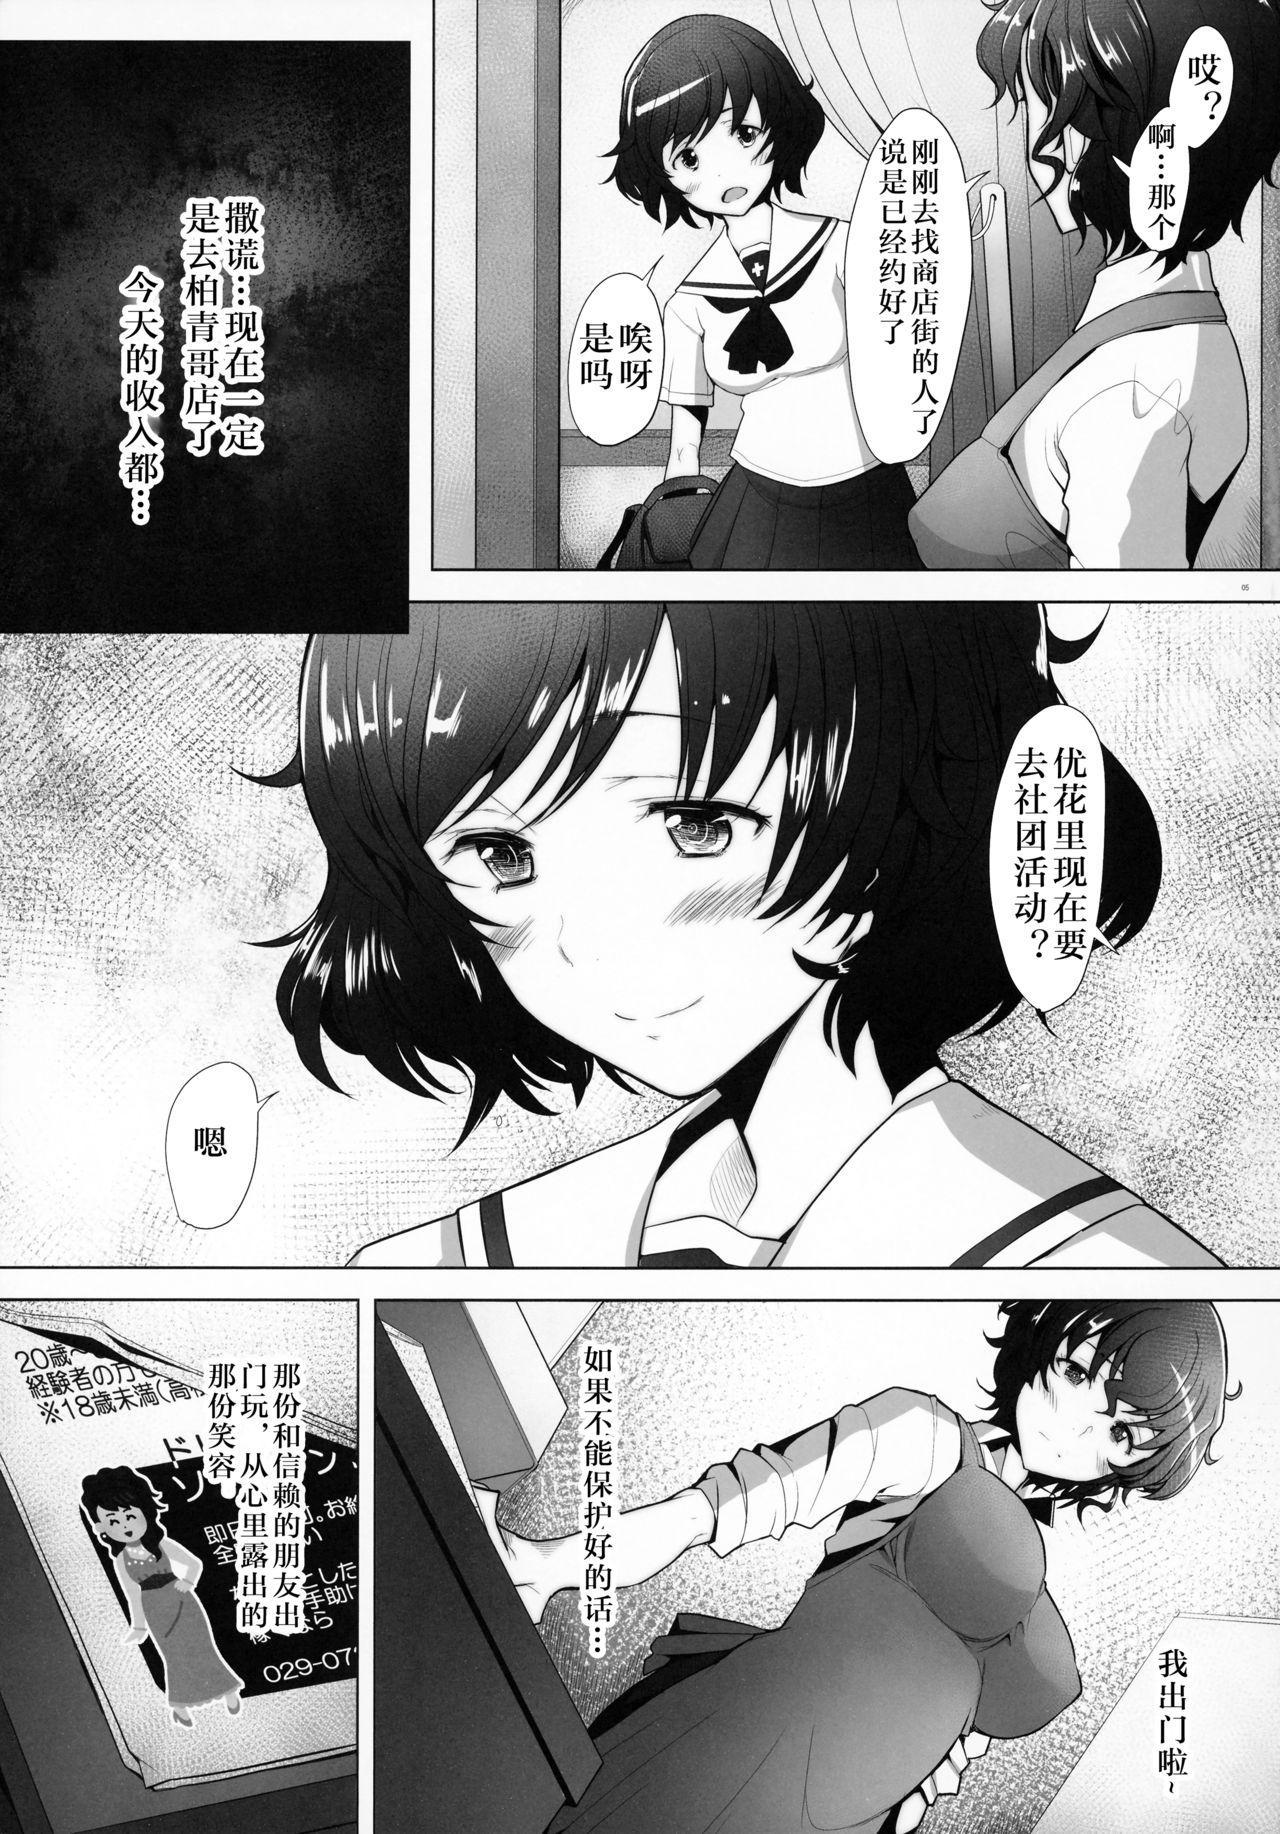 Rihatsuten no Bijin Hitozuma ga Wakeari de Soapland ni Tsutomeru Koto ni Narimashita Hatsushukkin Hen 3